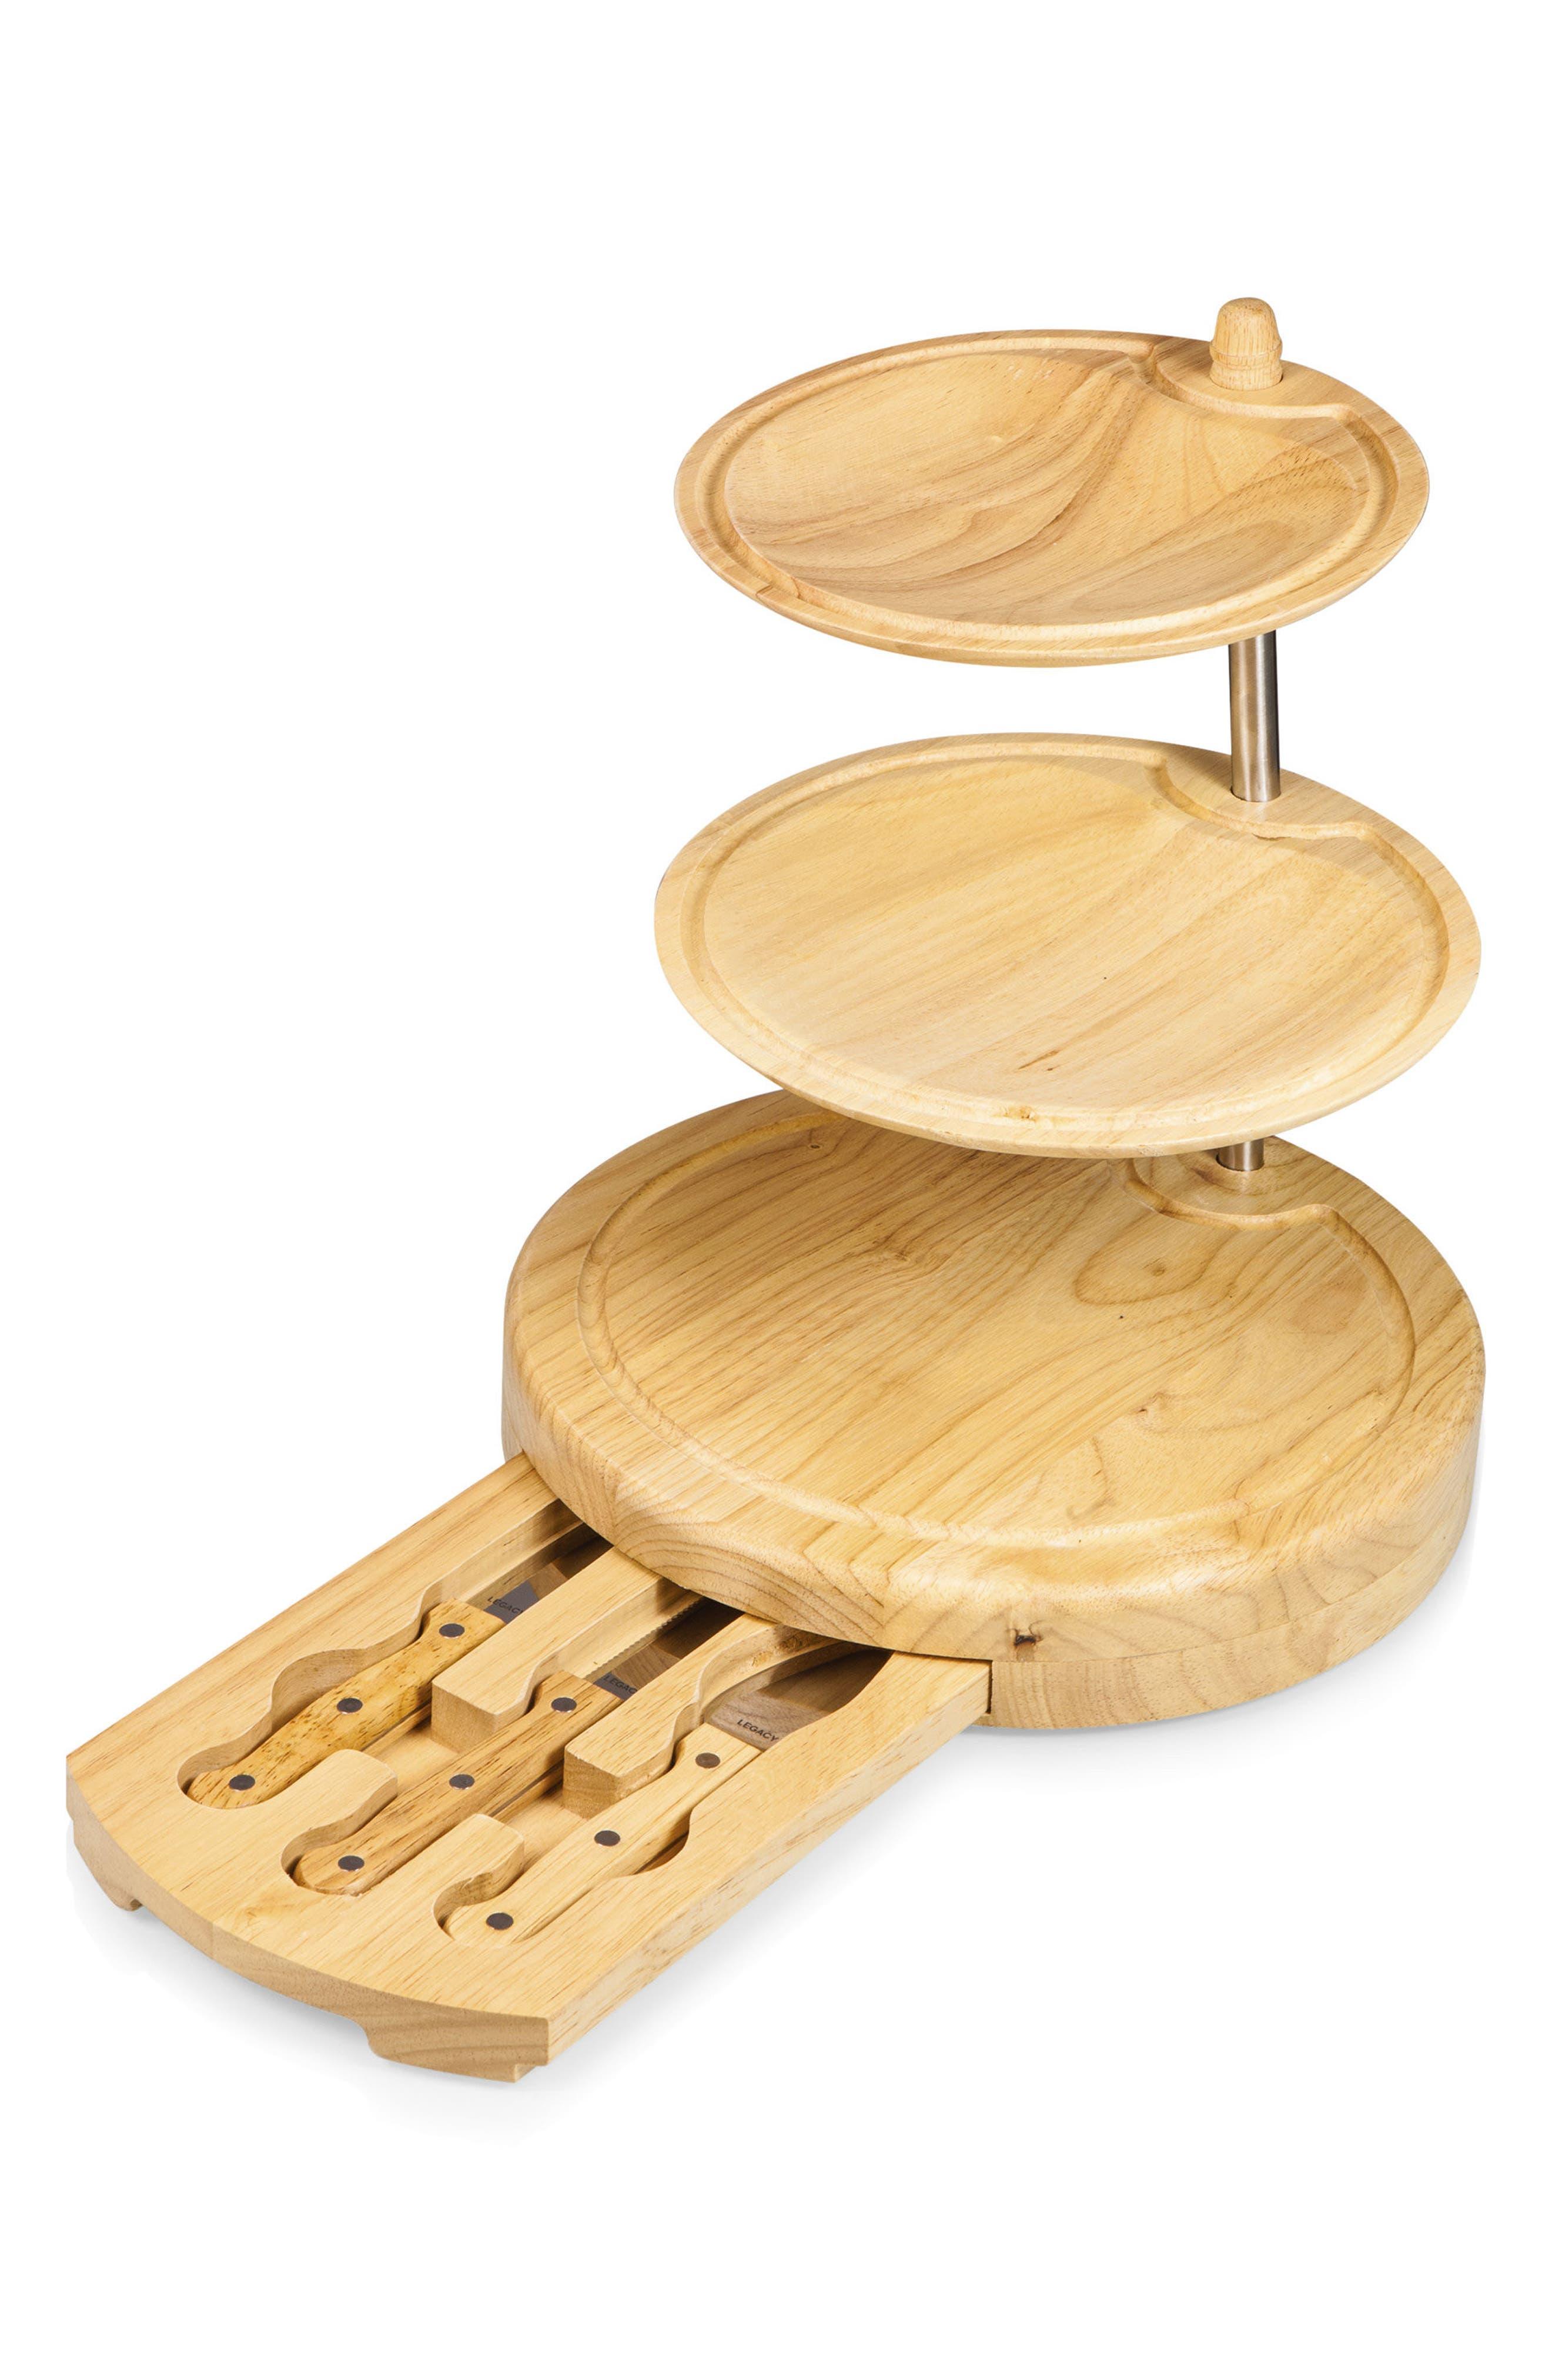 Regalio 3-Tier Cheese Board & Tool Set,                         Main,                         color, 200